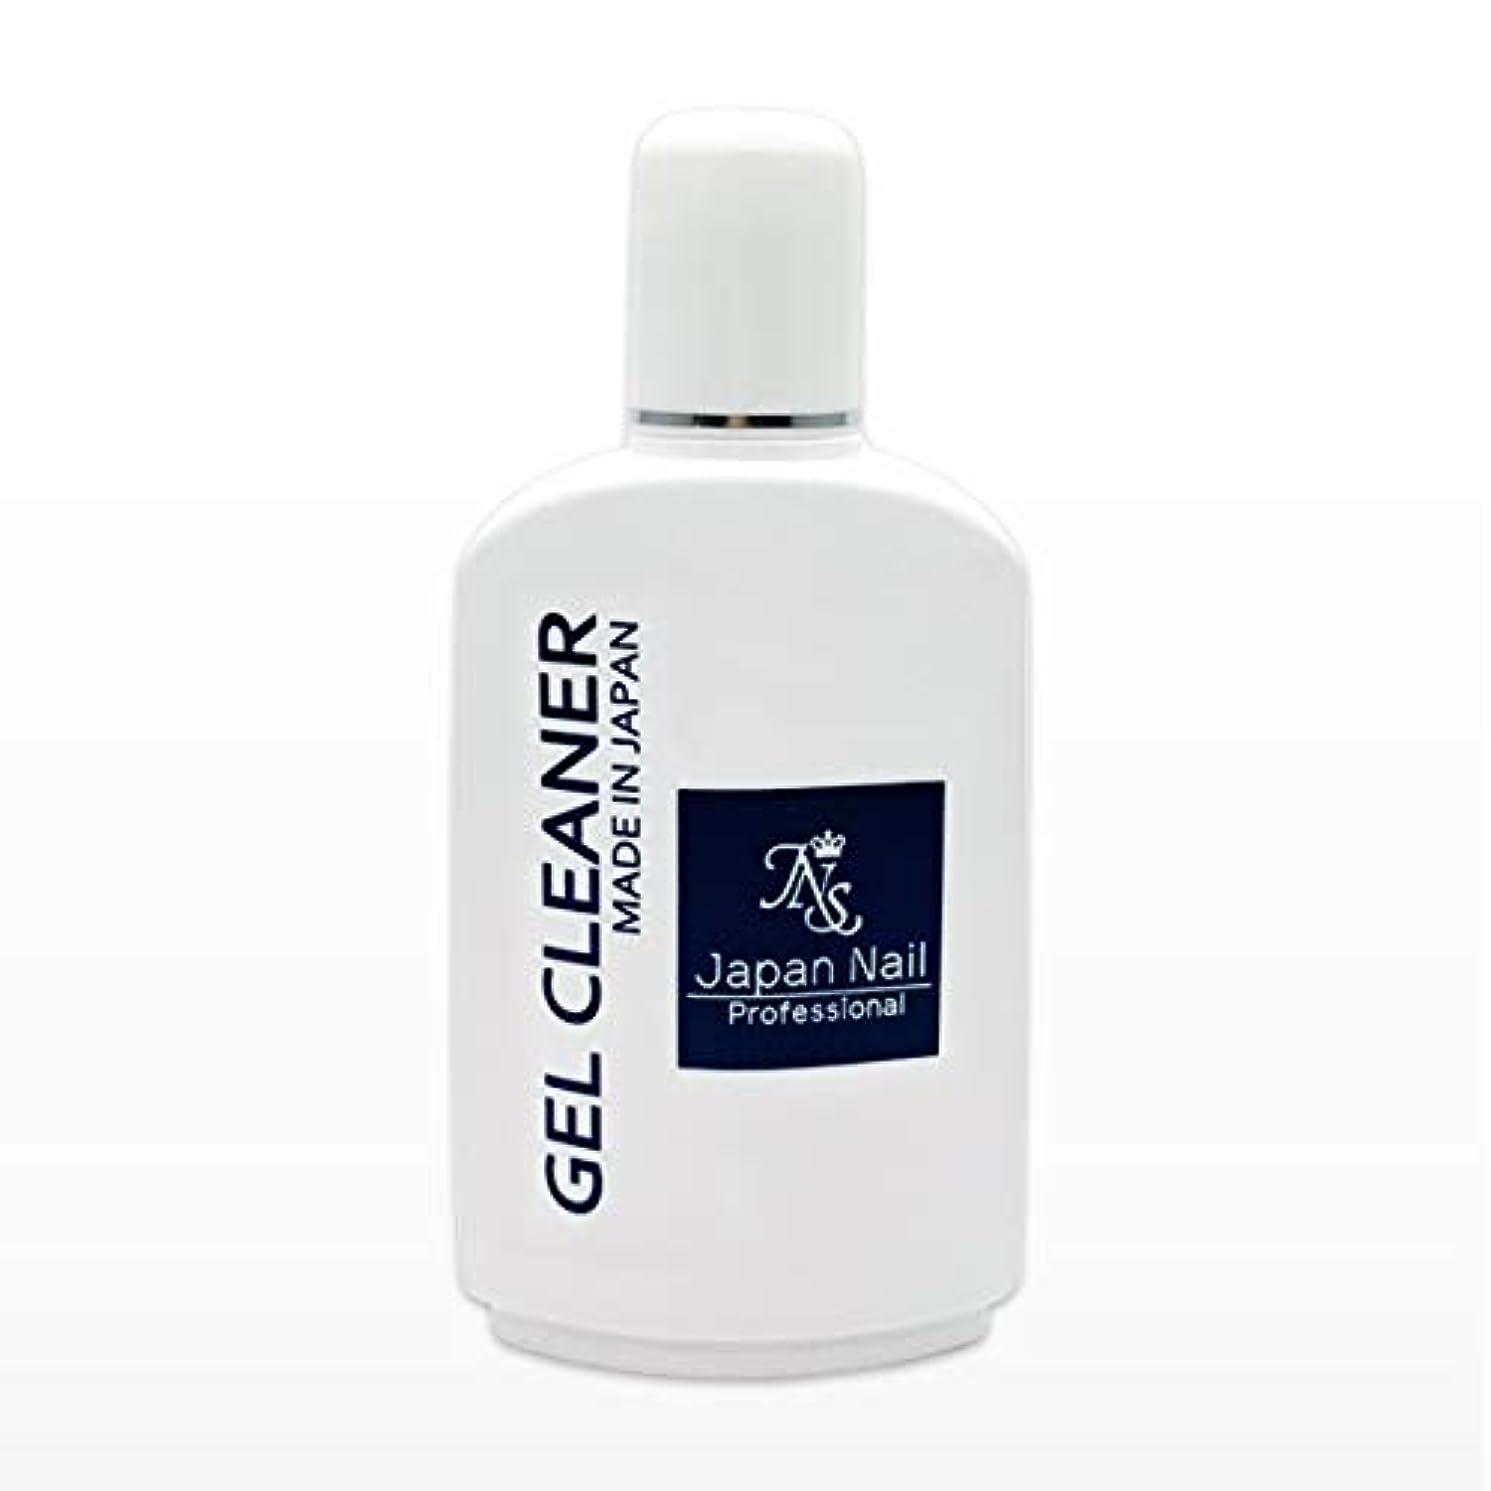 酸素弾薬塗抹日本製 一拭きで輝く艶!初めてでも簡単に未硬化ジェルを拭き取る!ジャパンネイル ジェルクリーナー